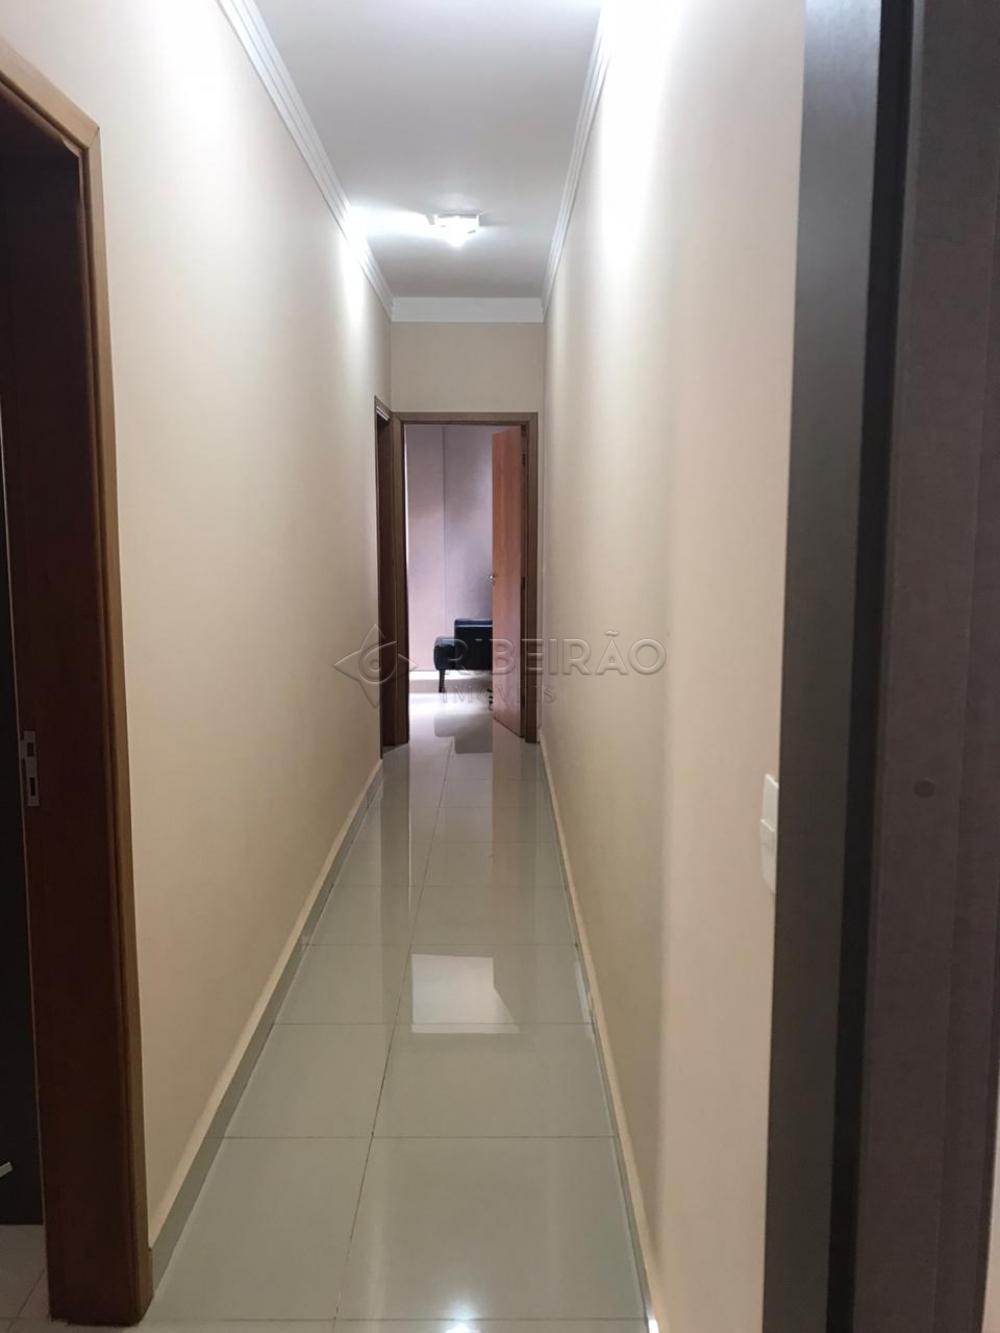 Alugar Casa / Condomínio em Cravinhos apenas R$ 3.500,00 - Foto 10